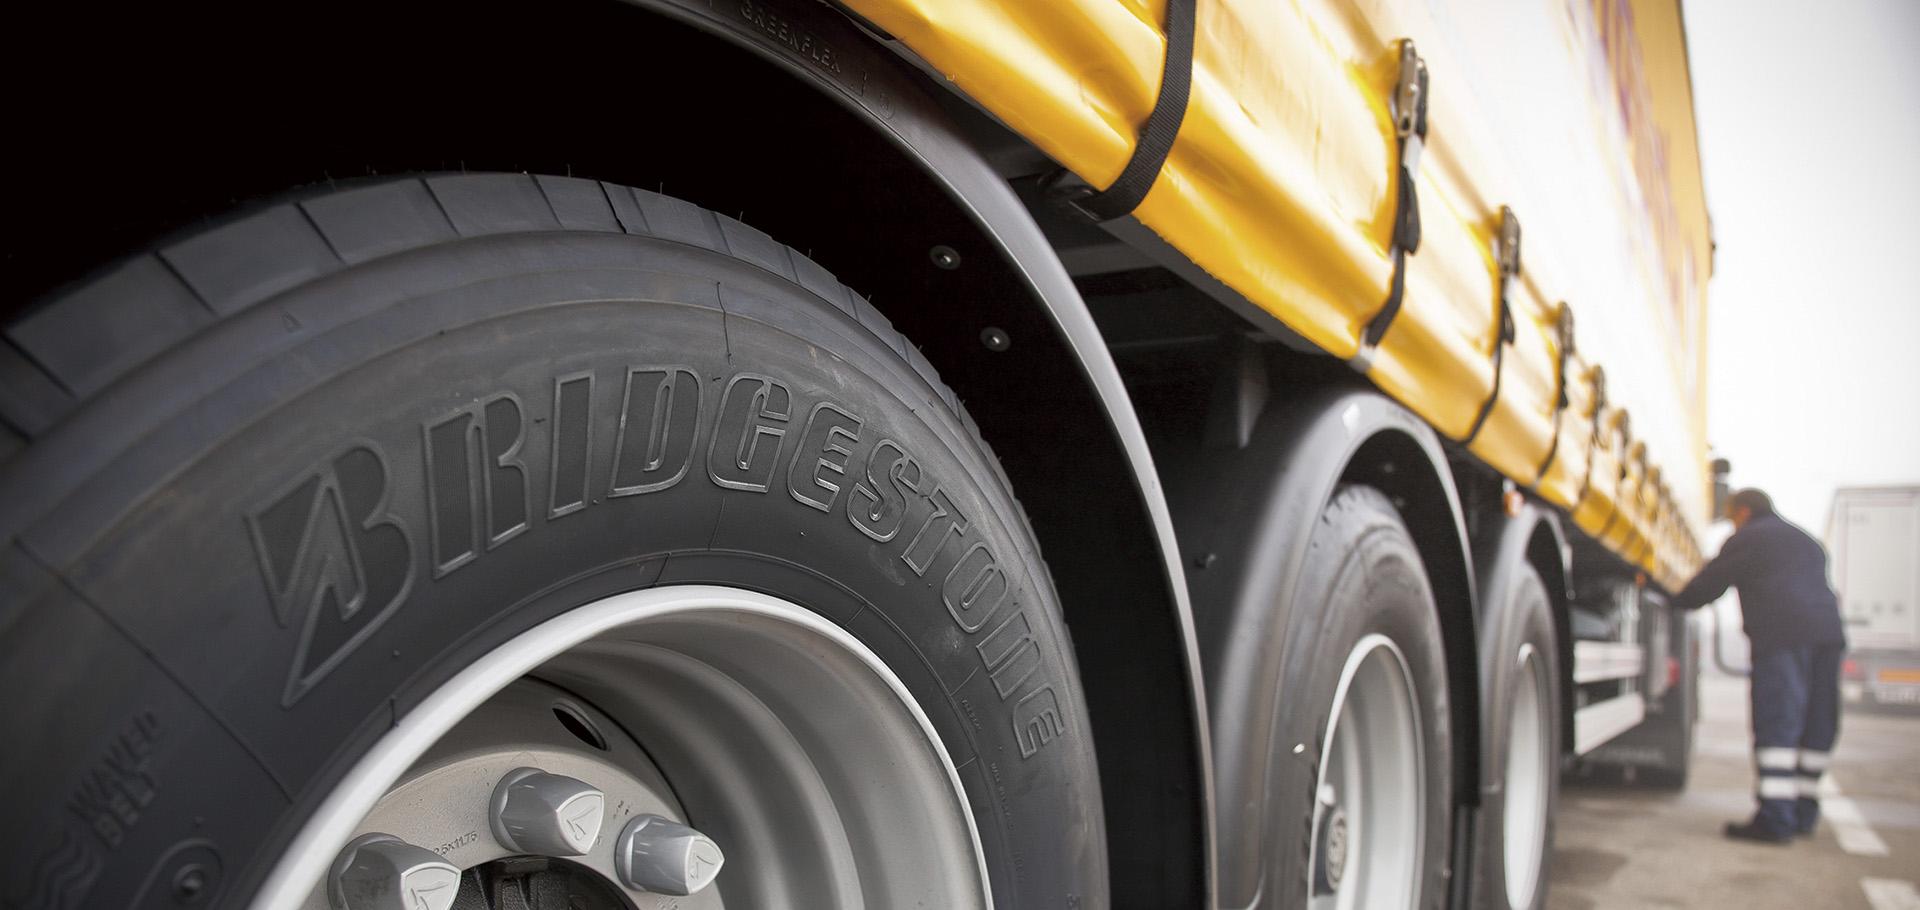 Sistem inteligent de monitorizare a anvelopelor pentru siguranță sporită